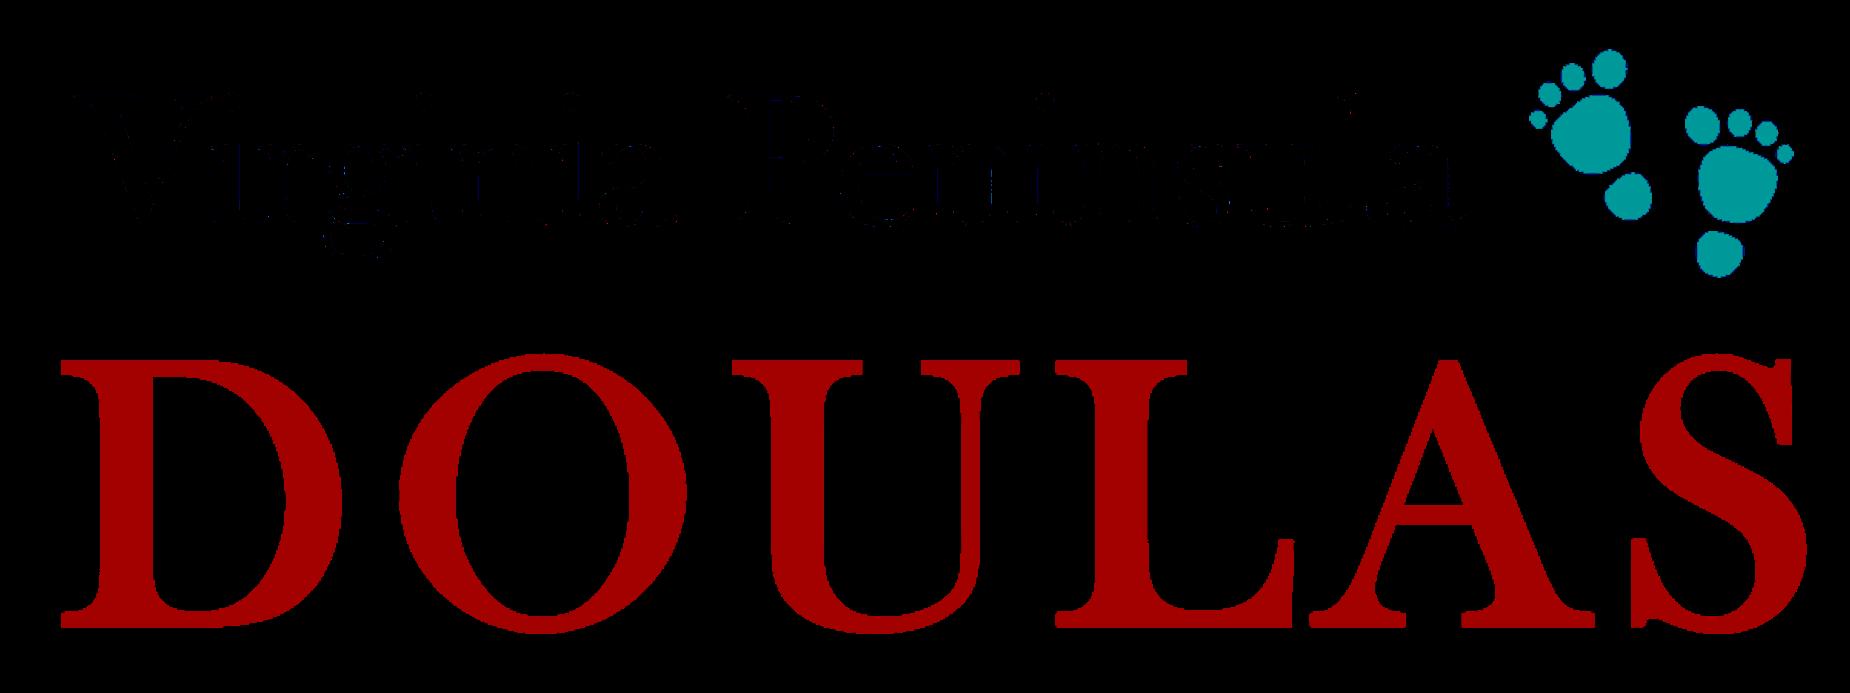 Peninsula Doulas